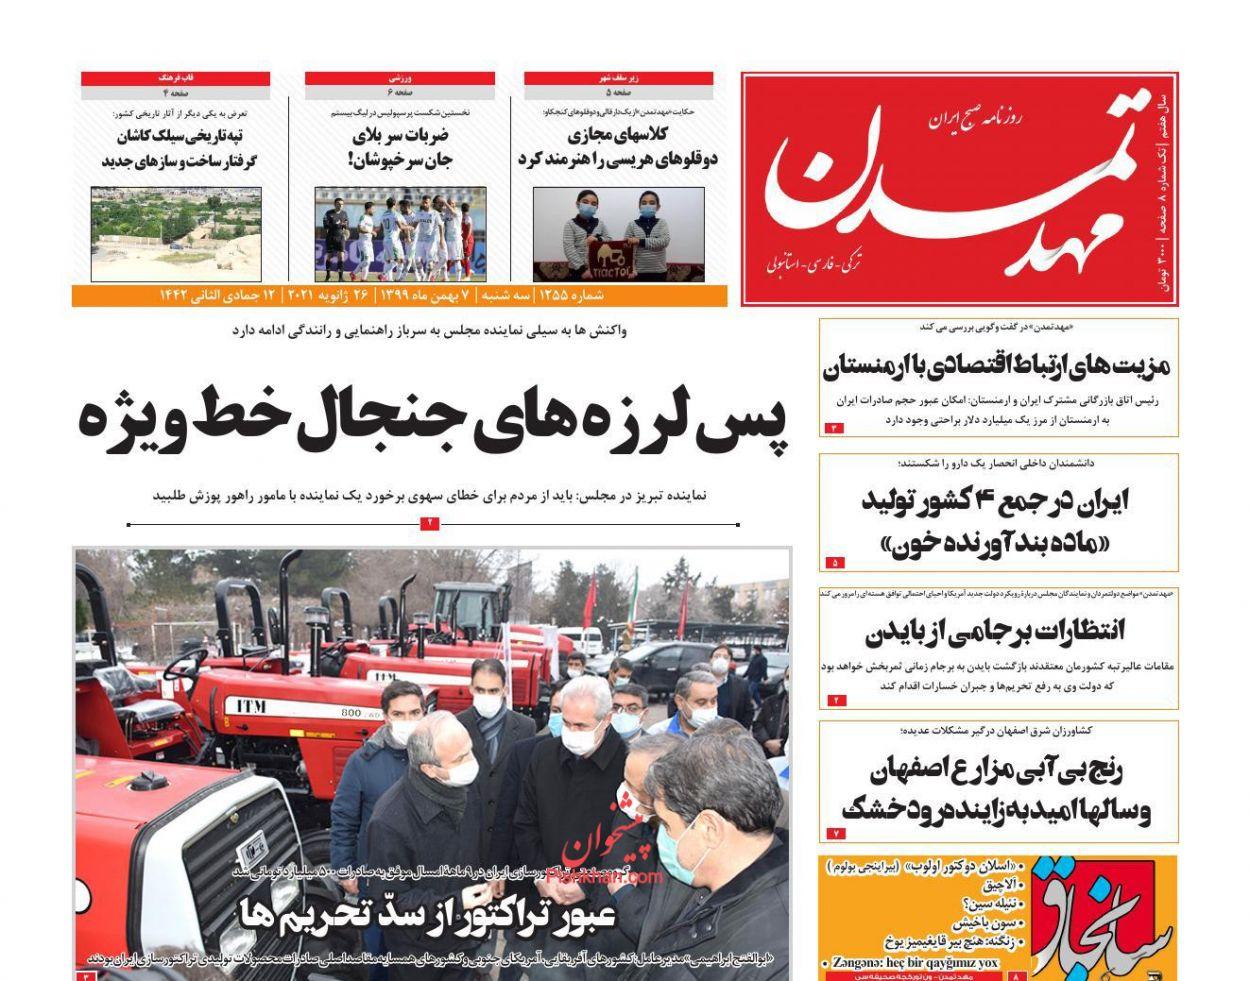 عناوین اخبار روزنامه مهد تمدن در روز سهشنبه ۷ بهمن